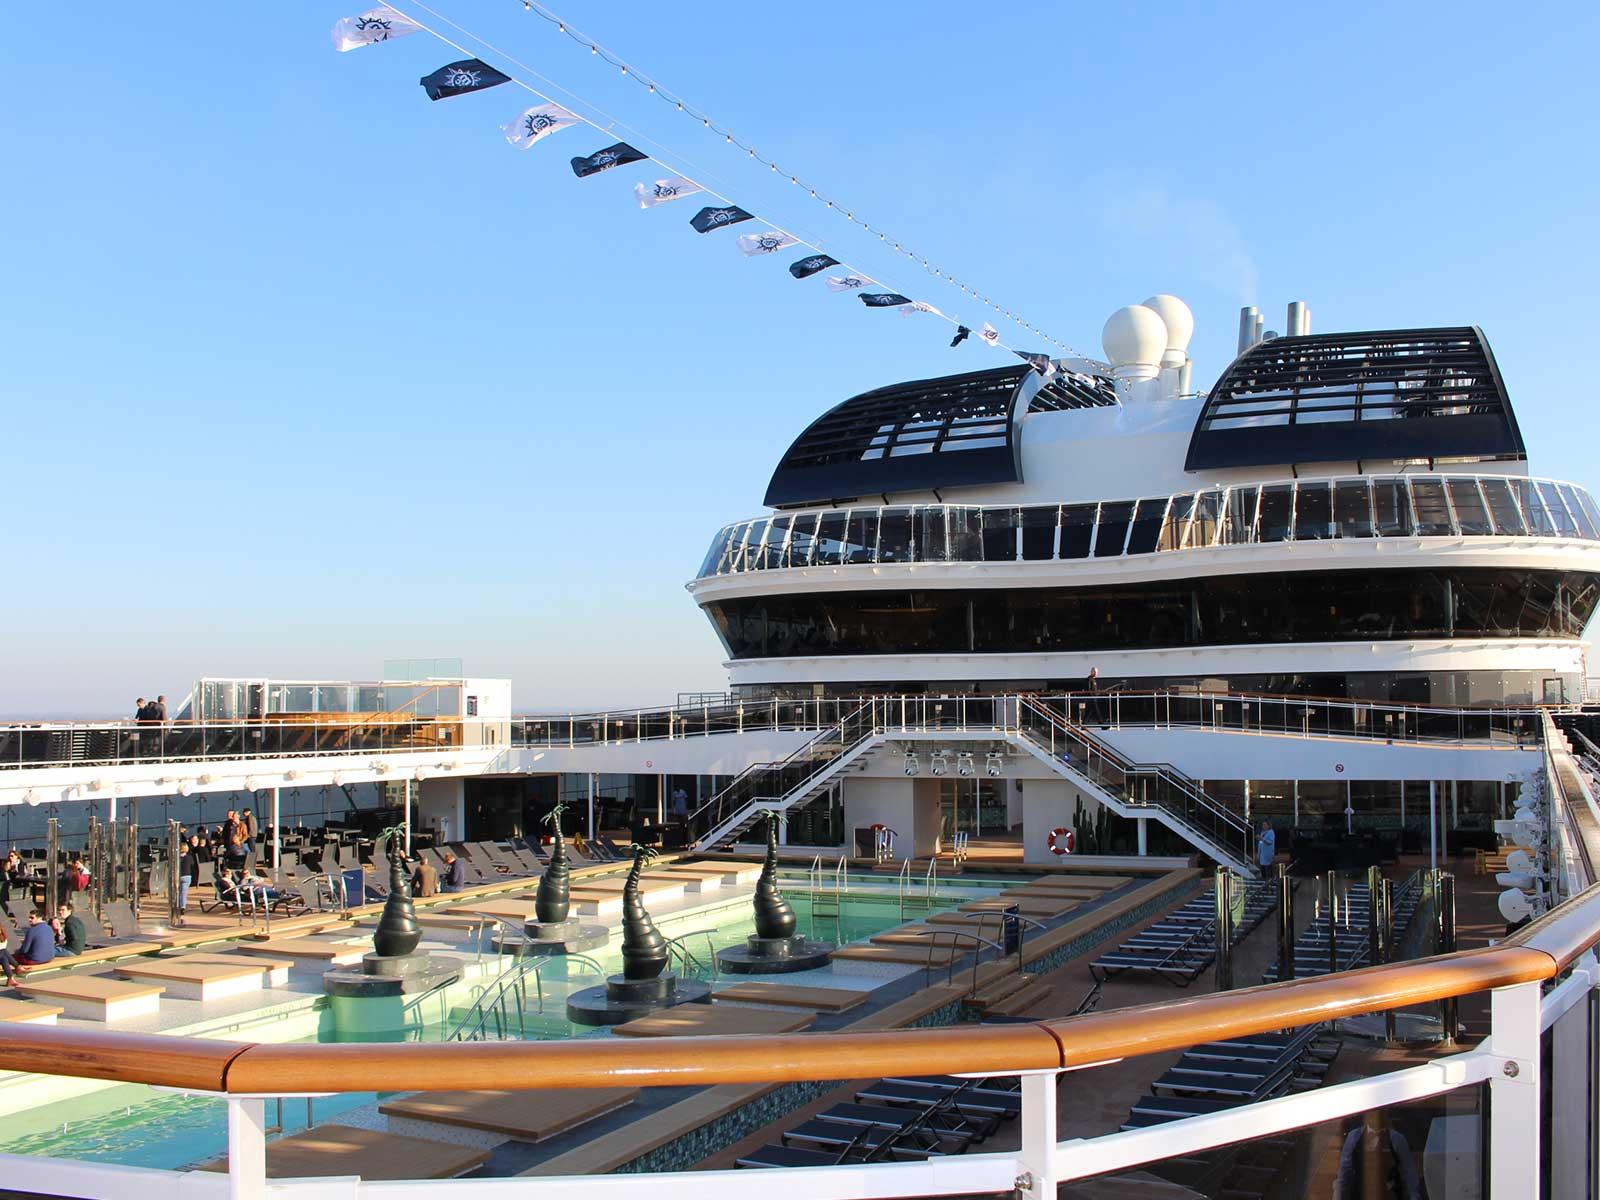 epoustoufflant pour son design incroyable, le MSC Bellissima c'est surtout un navire qui dispose pour la premières fois en mer d'un dôme en verre de 480m2. Une prouesse technique qui lui vaut les honneurs d'être dans ce top